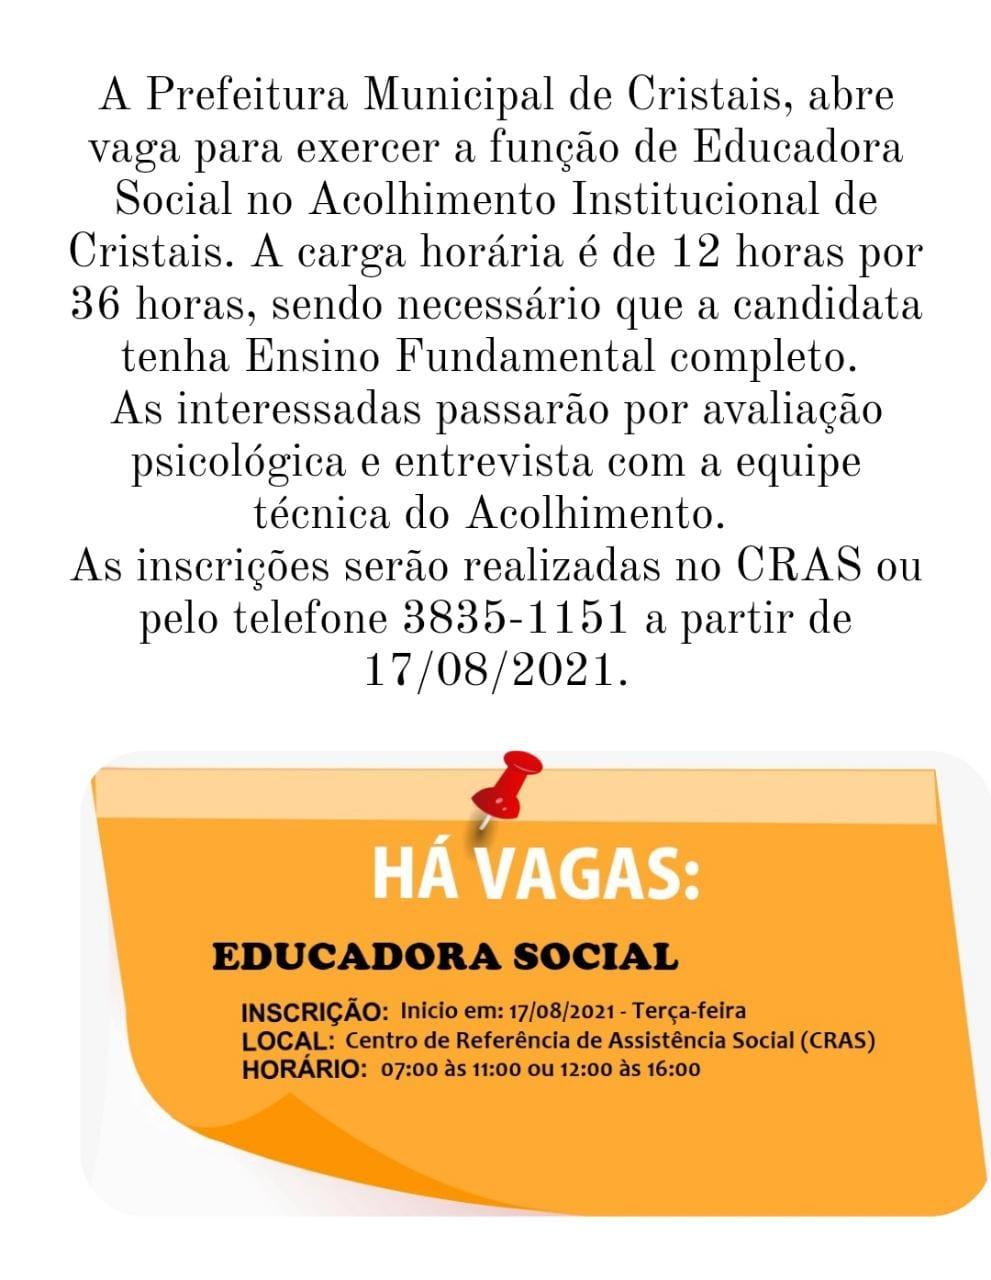 IMG-20210816-WA0034